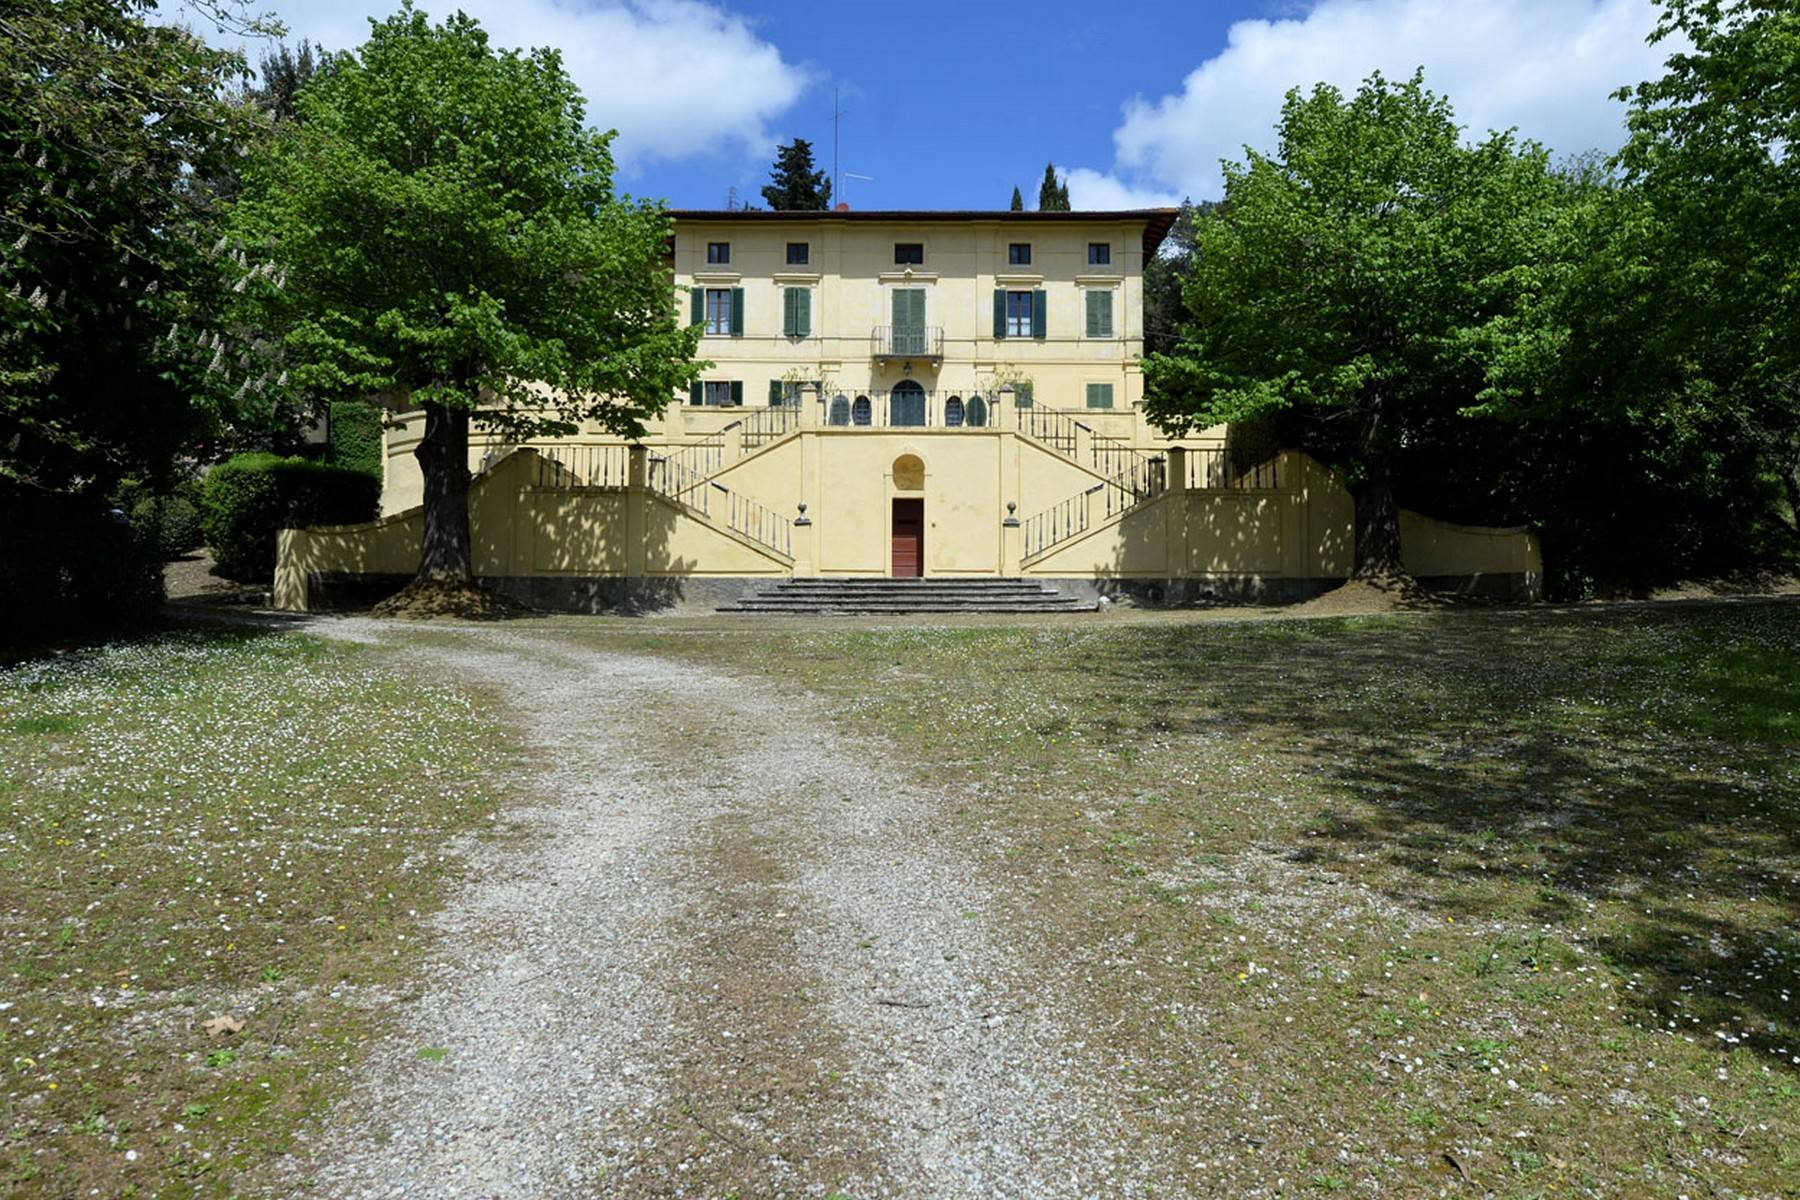 Villa aristocratique à vendre sur les collines de Sienne - 4